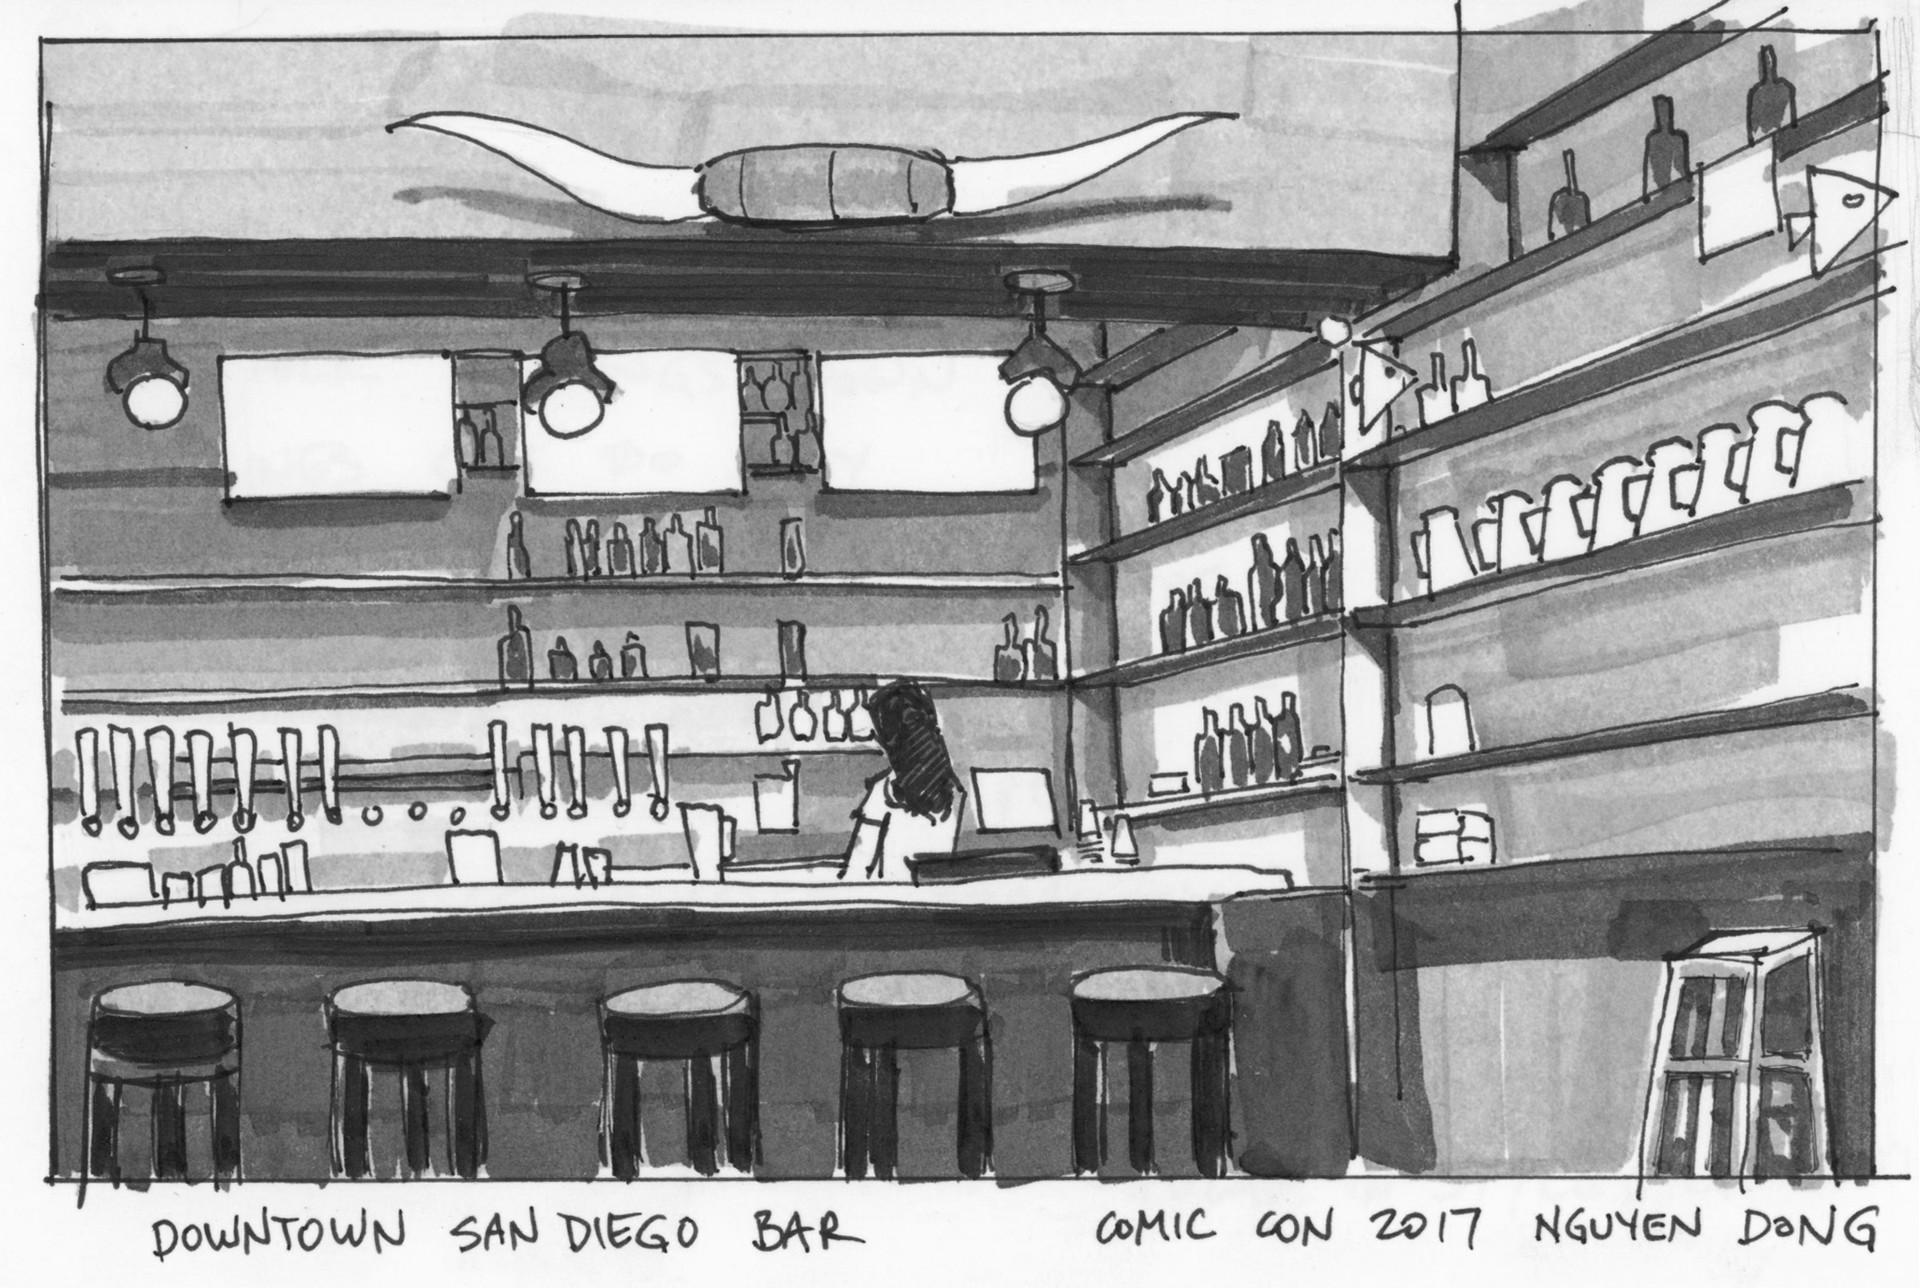 Comic Con 2017 Bar field sketch